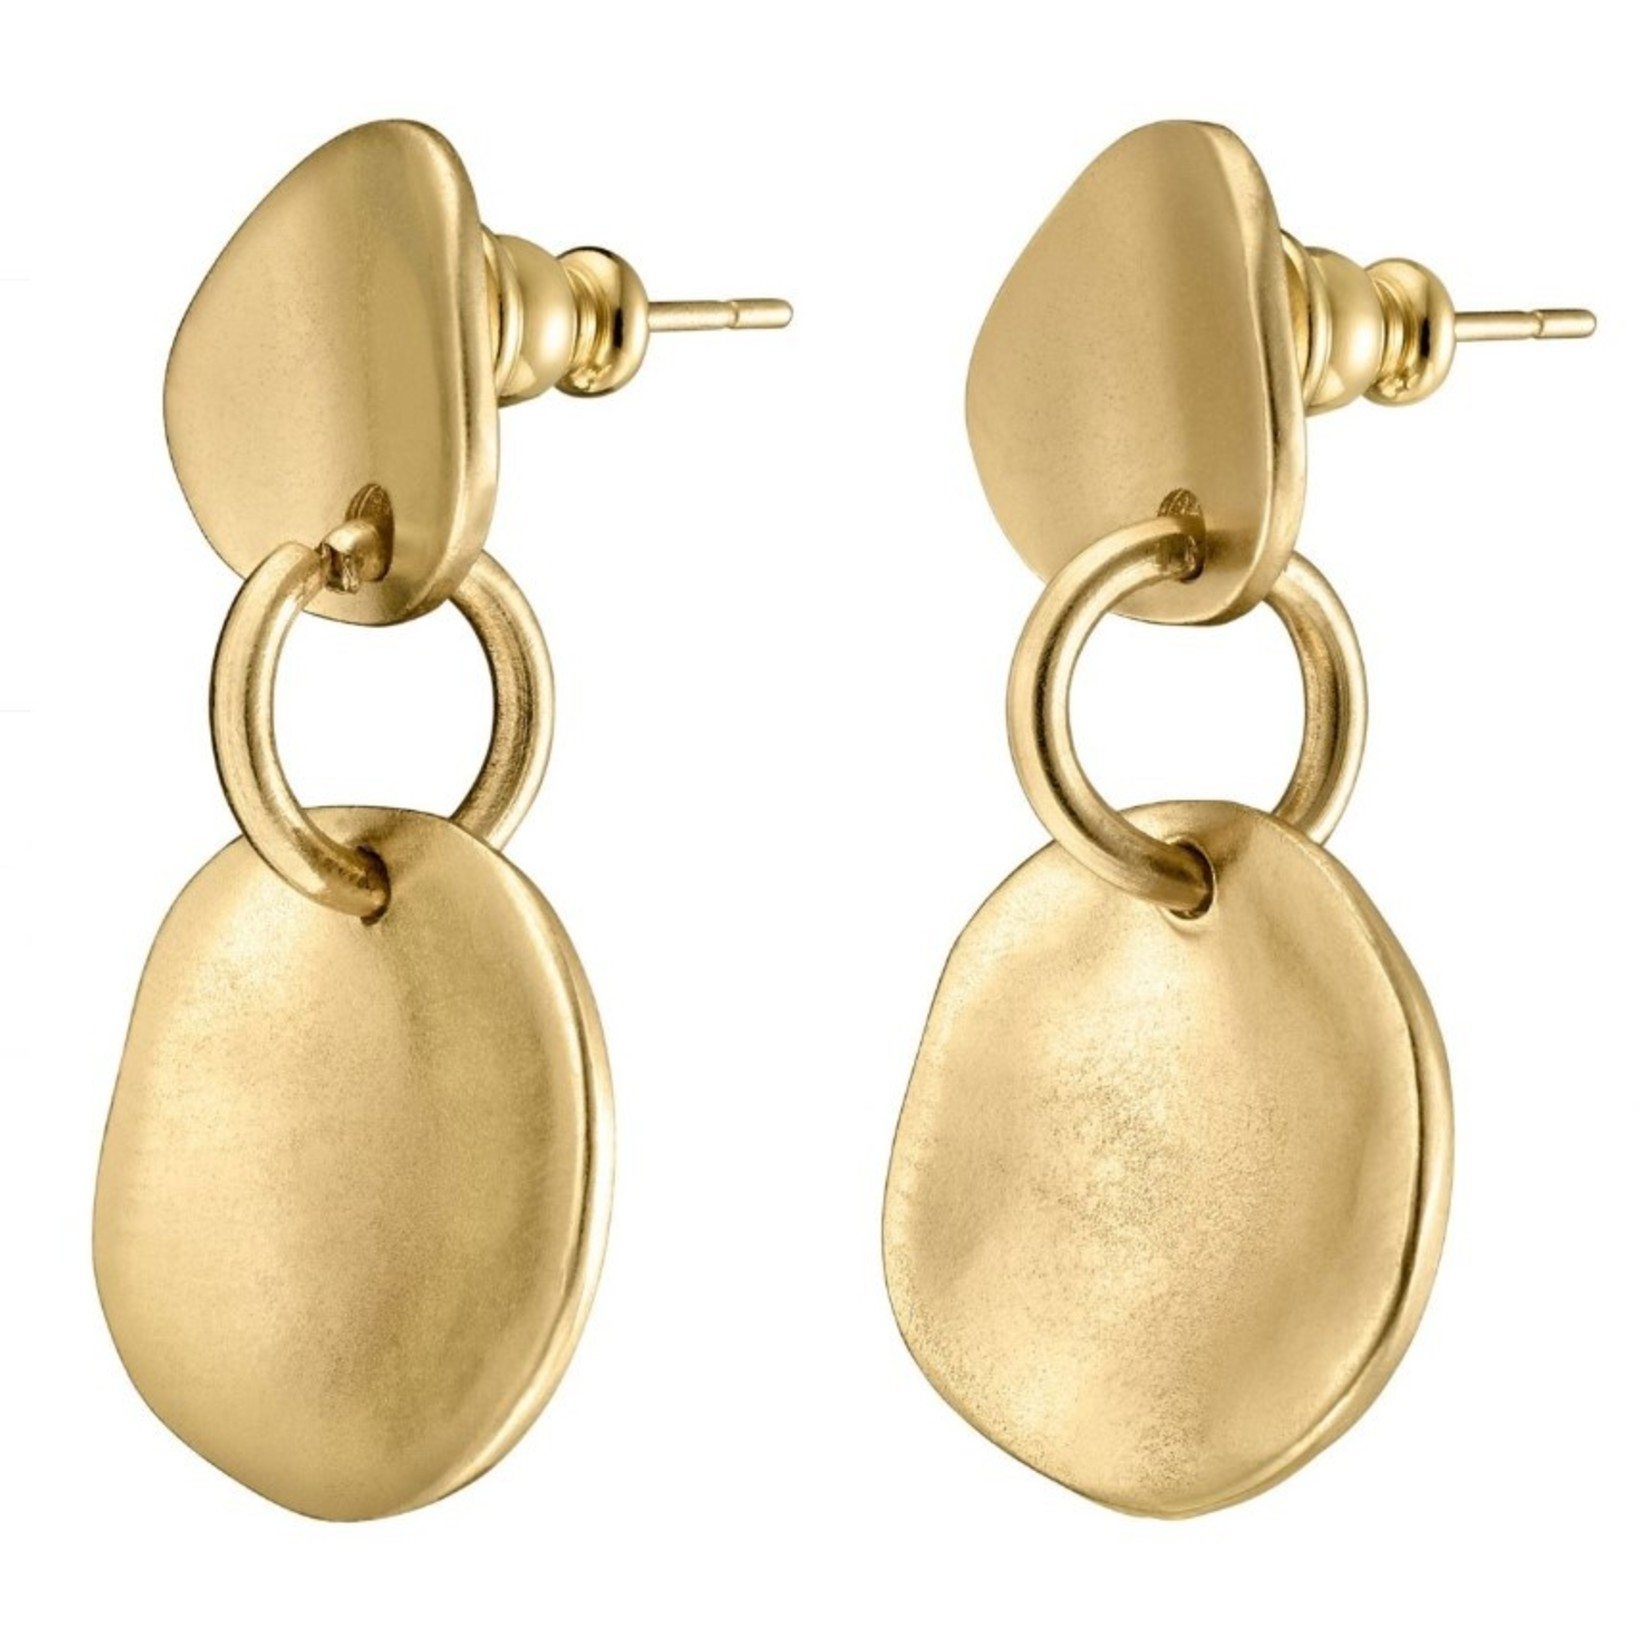 Uno de 50 Scales Gold Earrings